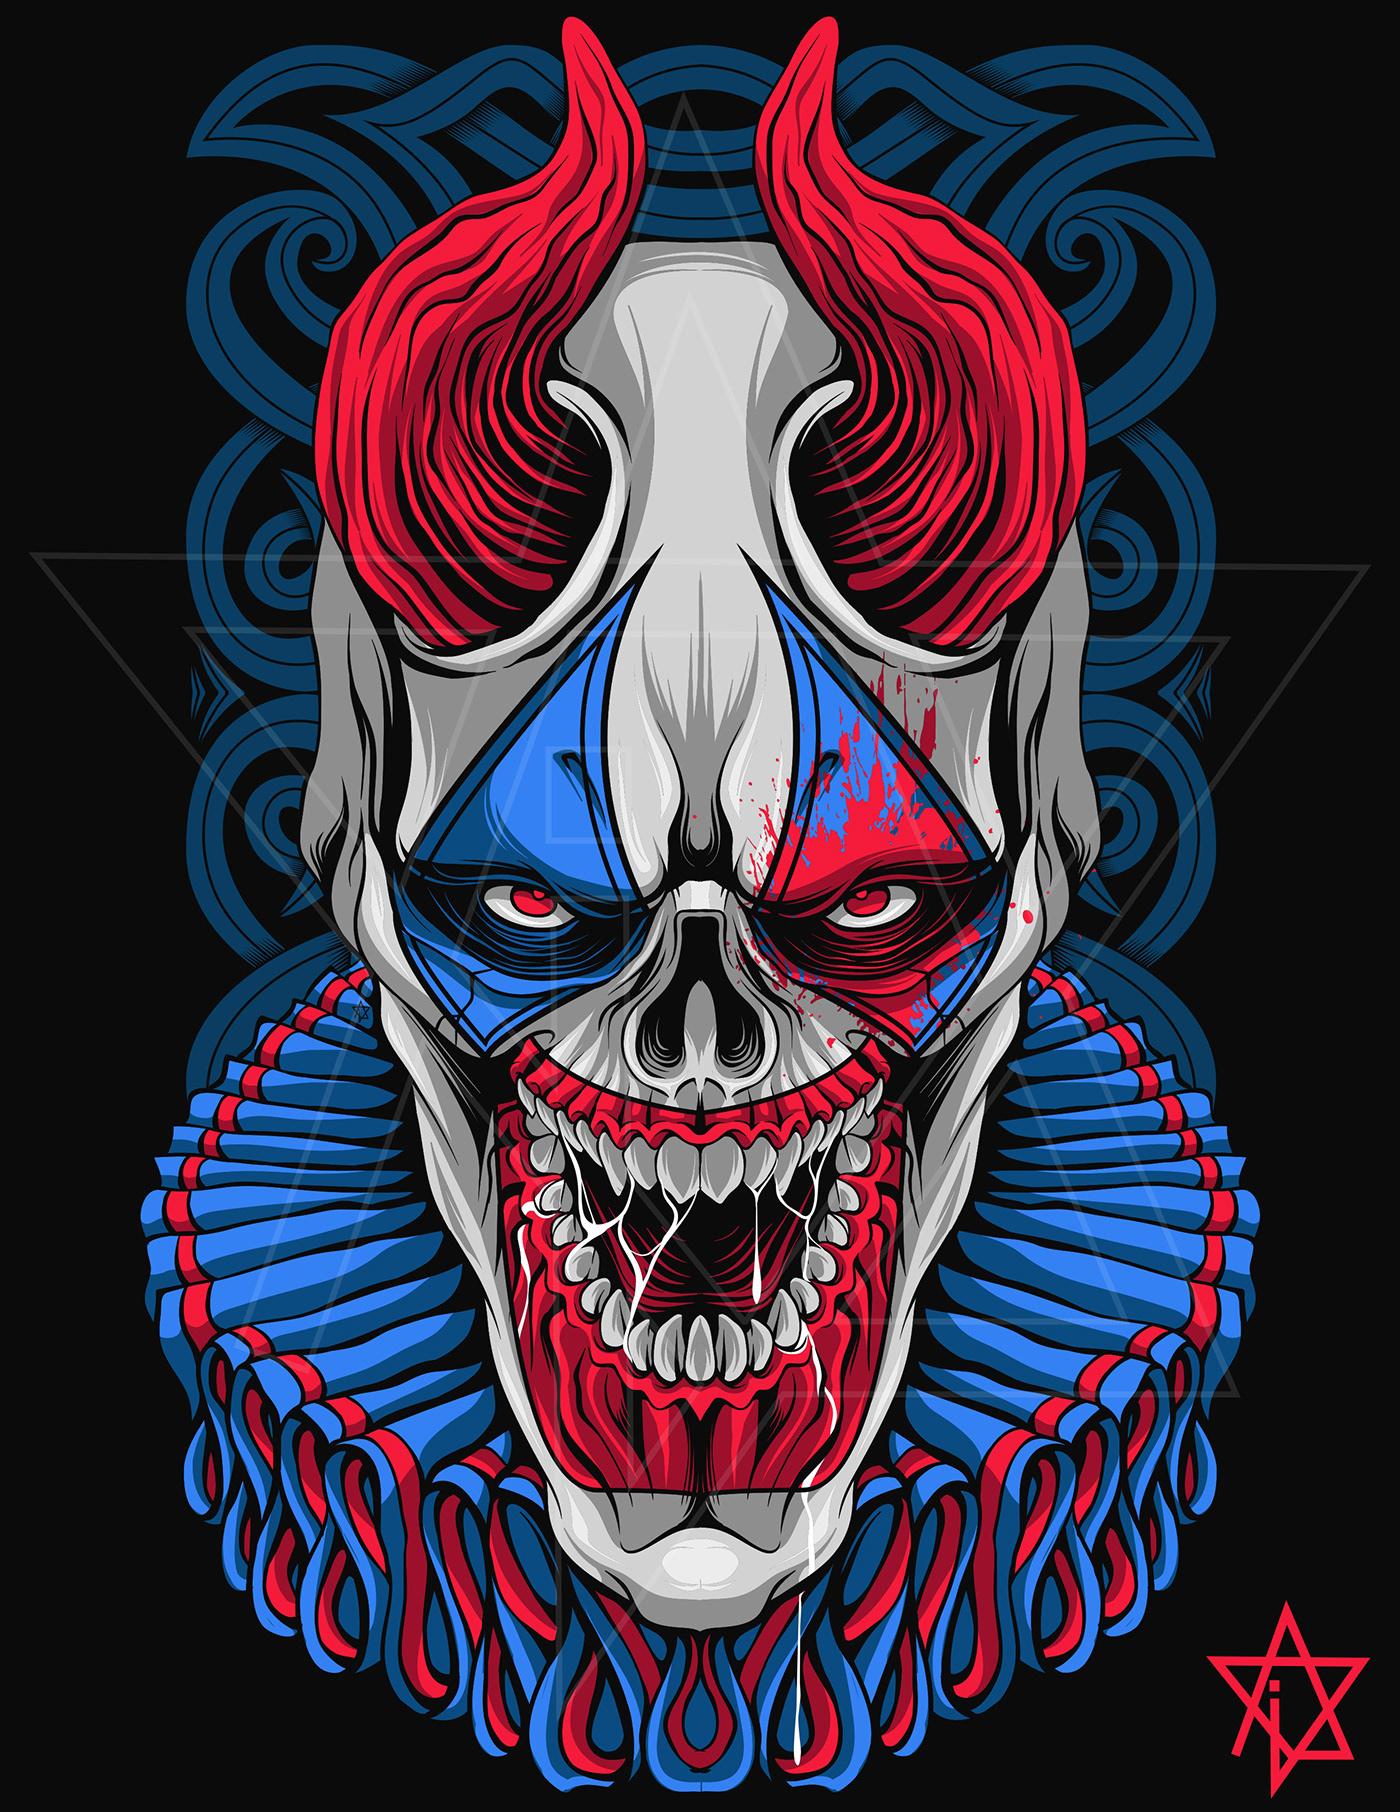 Image may contain: drawing, cartoon and skull